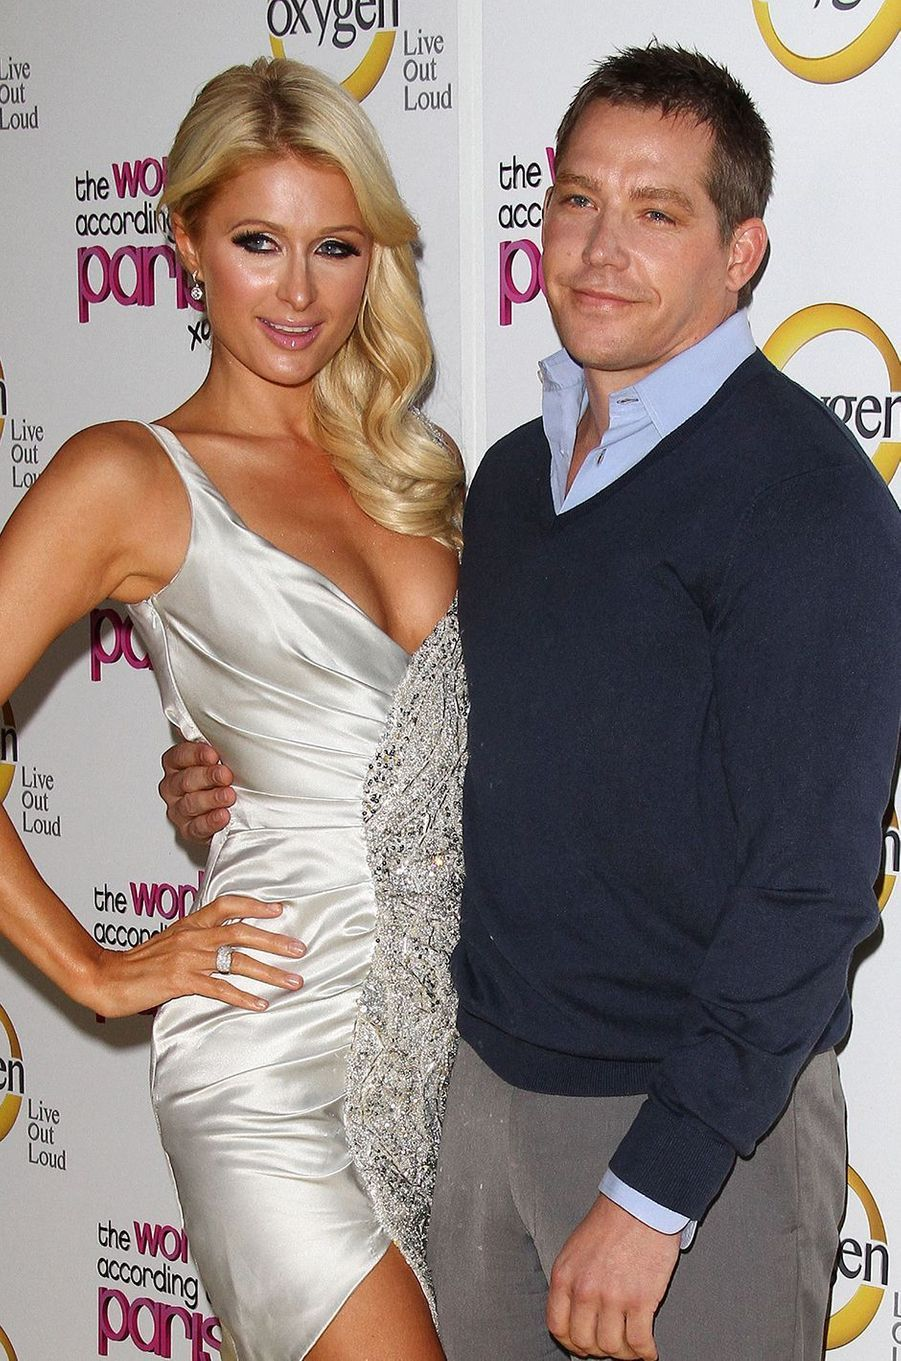 Paris Hilton et Cy Waits (un entrepreneur) sont sortis ensemble un an entre 2010 et 2011